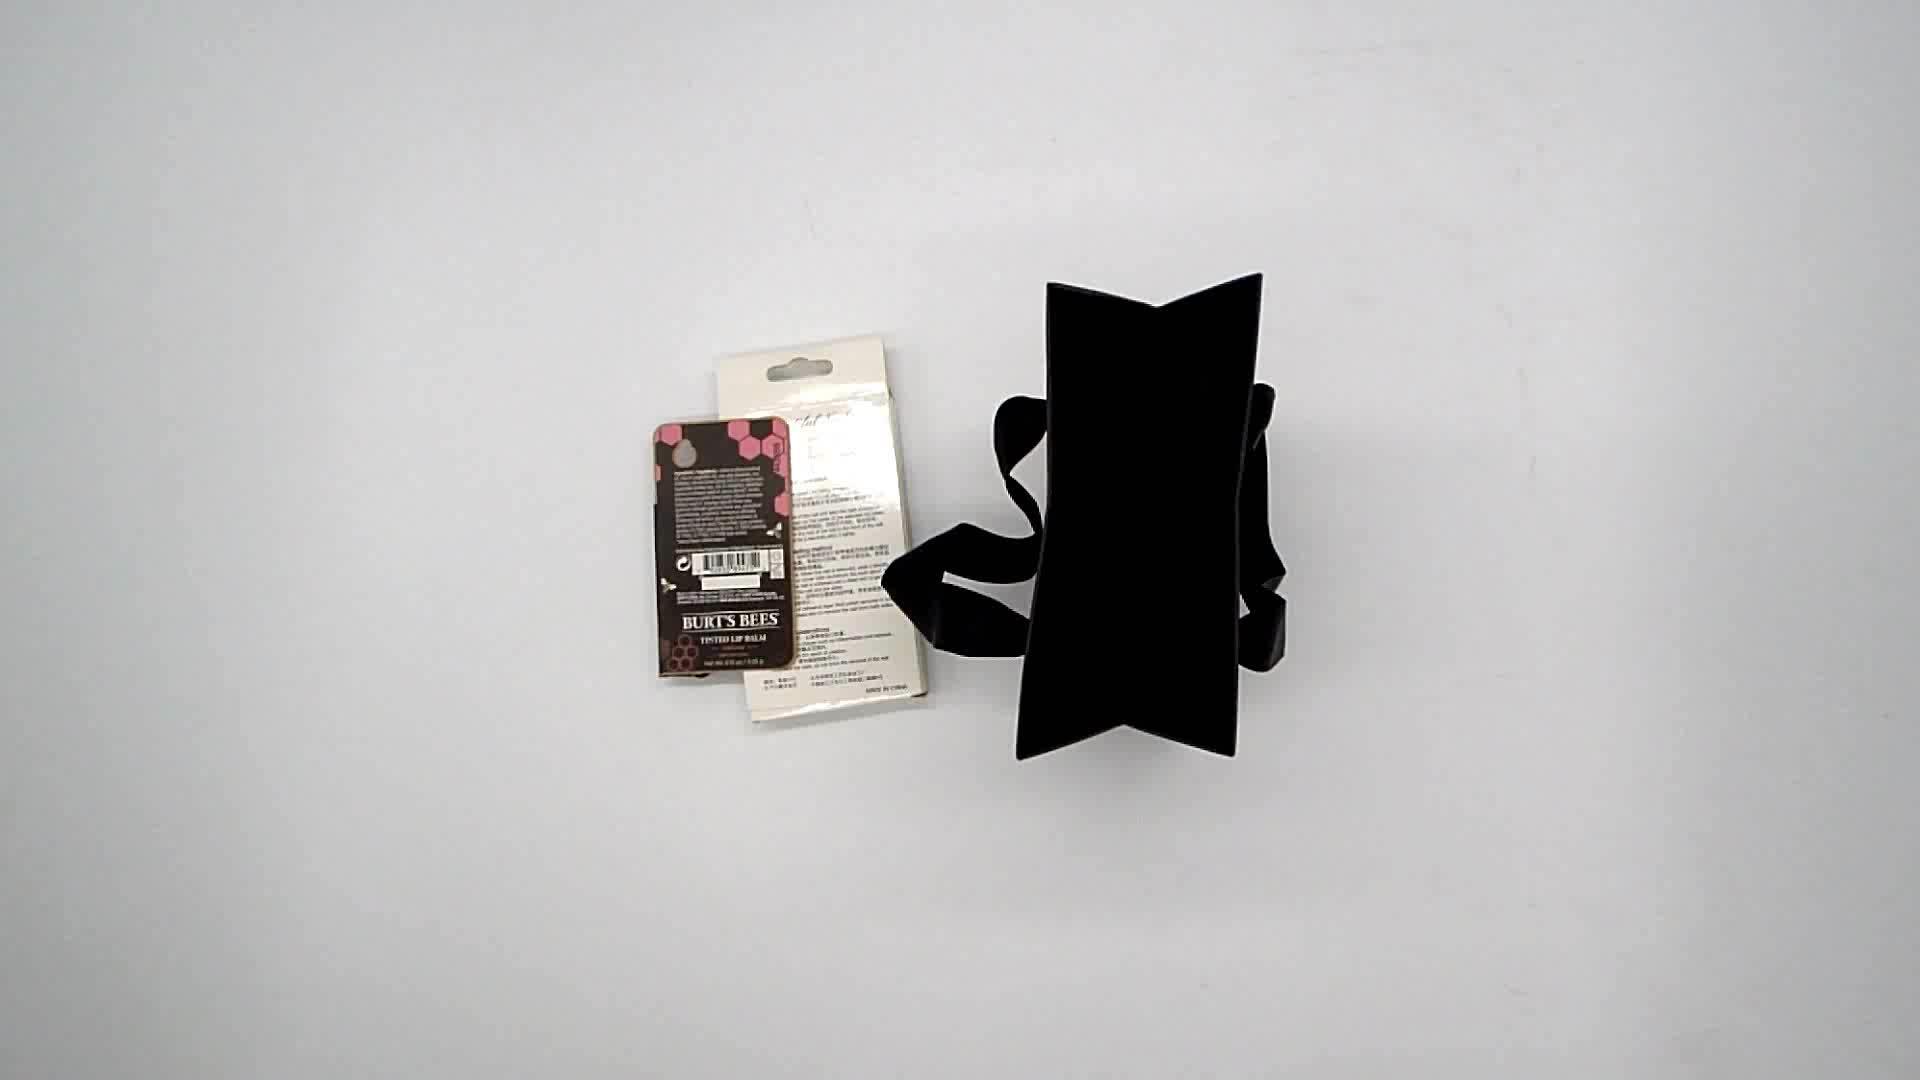 सुरुचिपूर्ण स्वनिर्धारित बुटीक सफेद क्राफ्ट हाथ रिबन संभाल के साथ कागज उपहार बैग